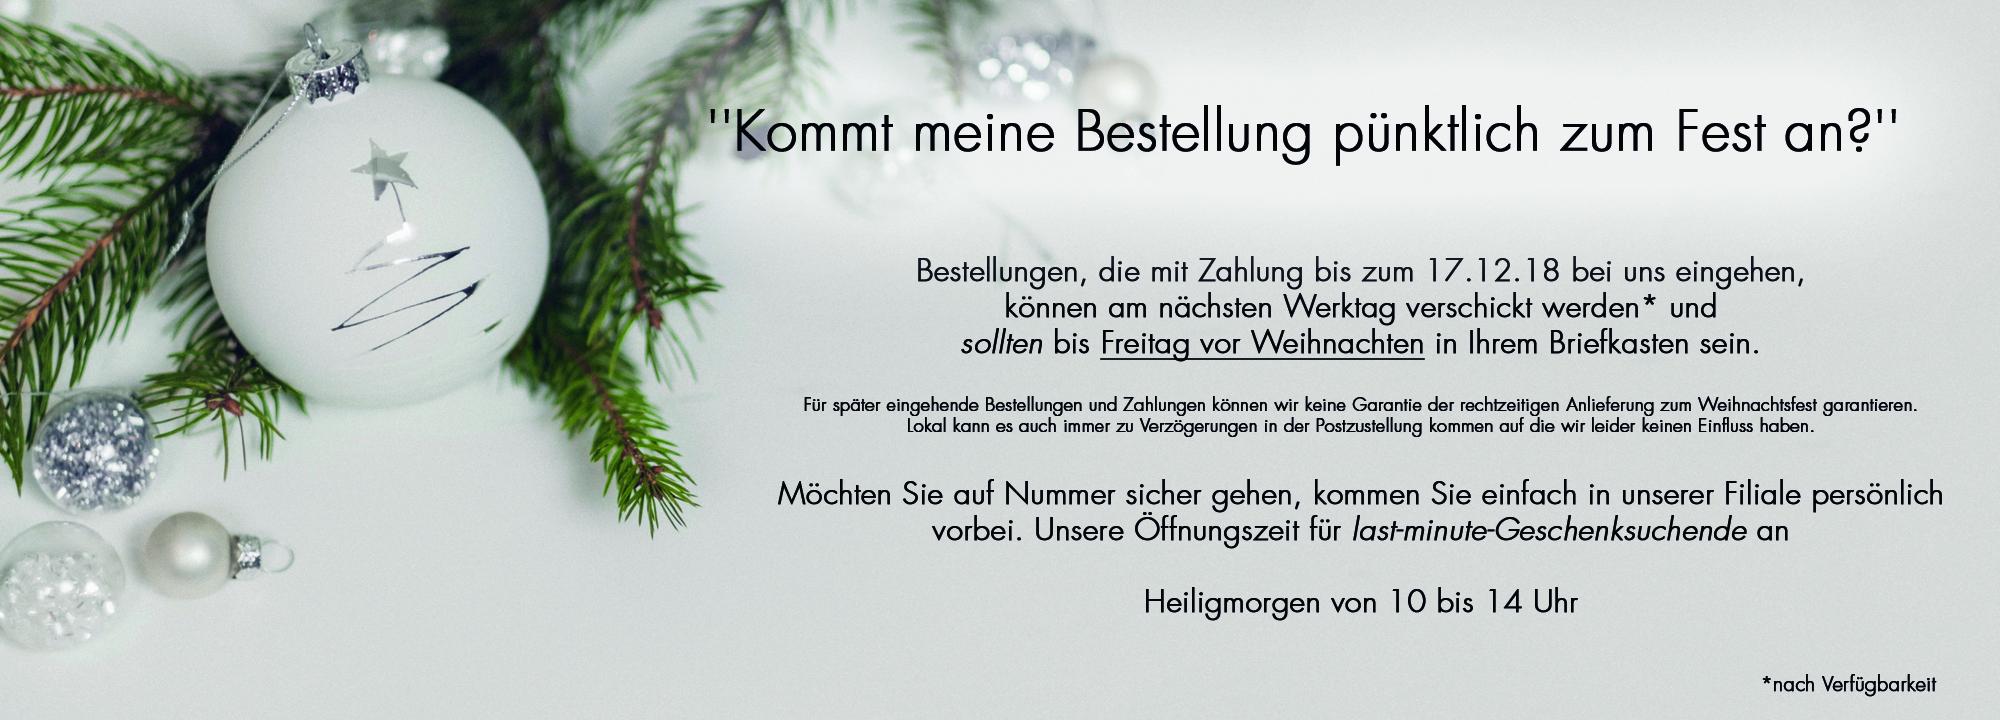 Wichtige Info zu Weihnachten!